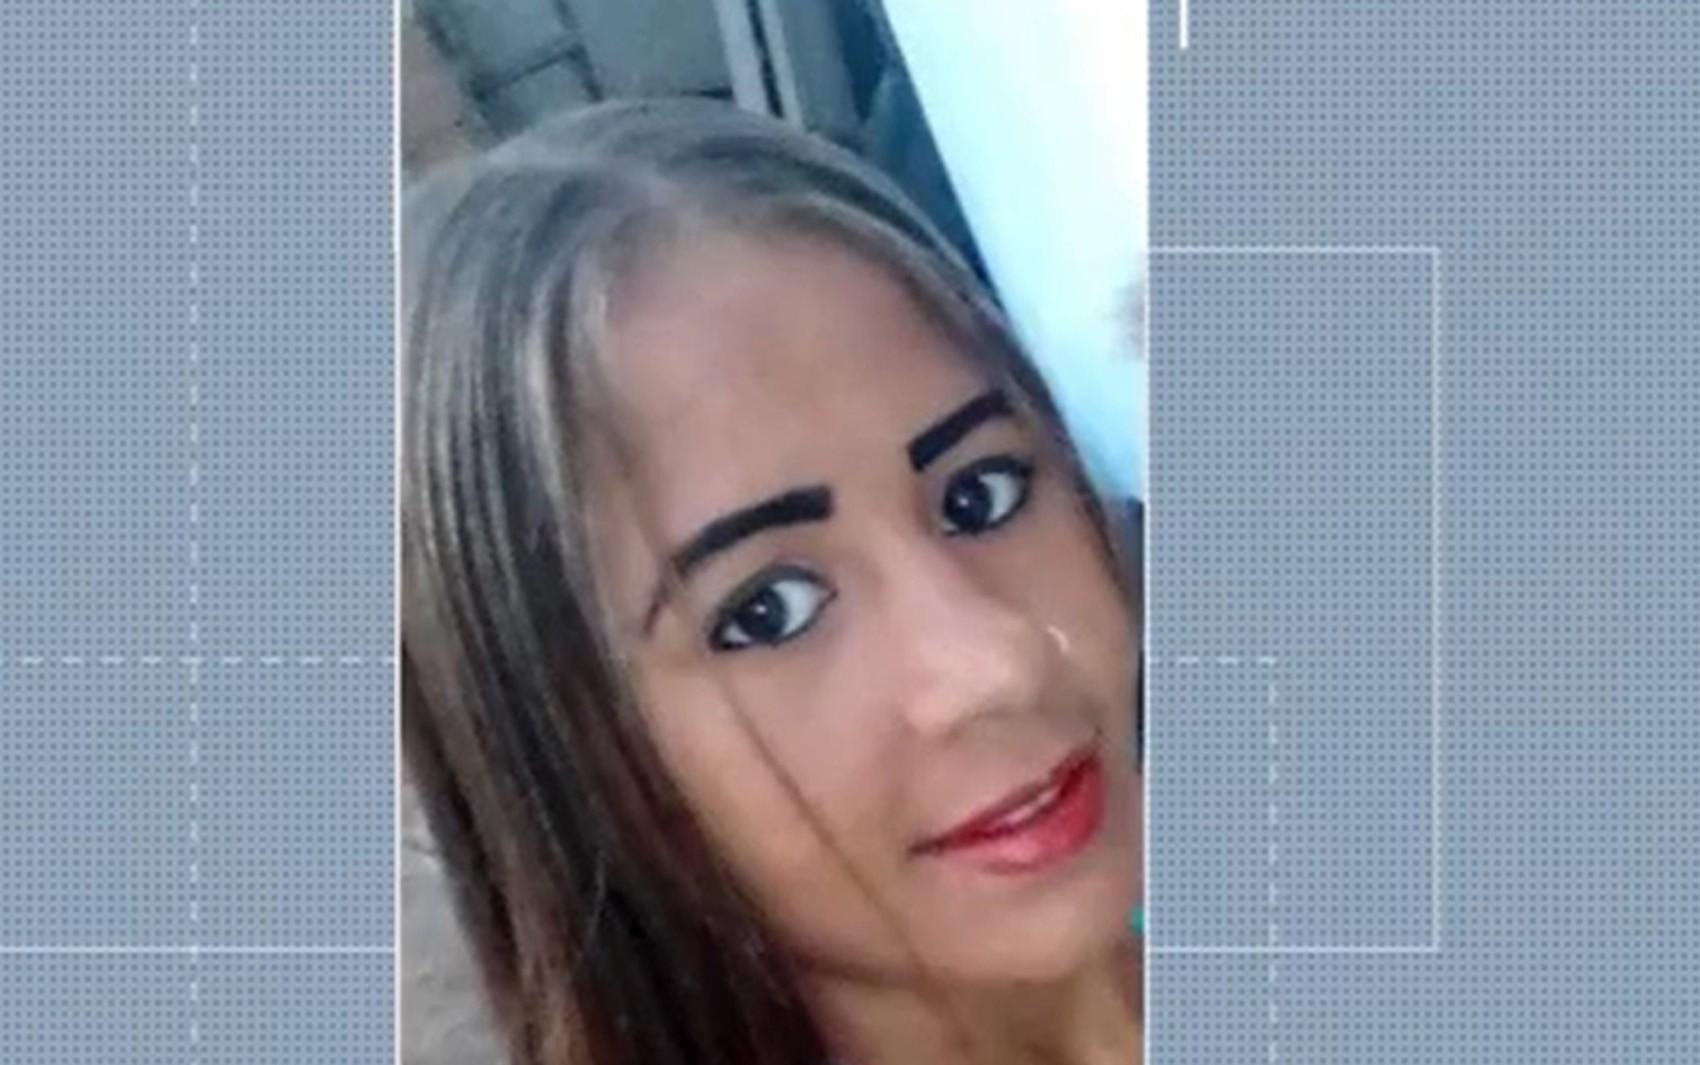 'Tentei socorrer, mas não consegui', diz mãe que viu filha grávida ser morta a facadas por genro no sul da Bahia